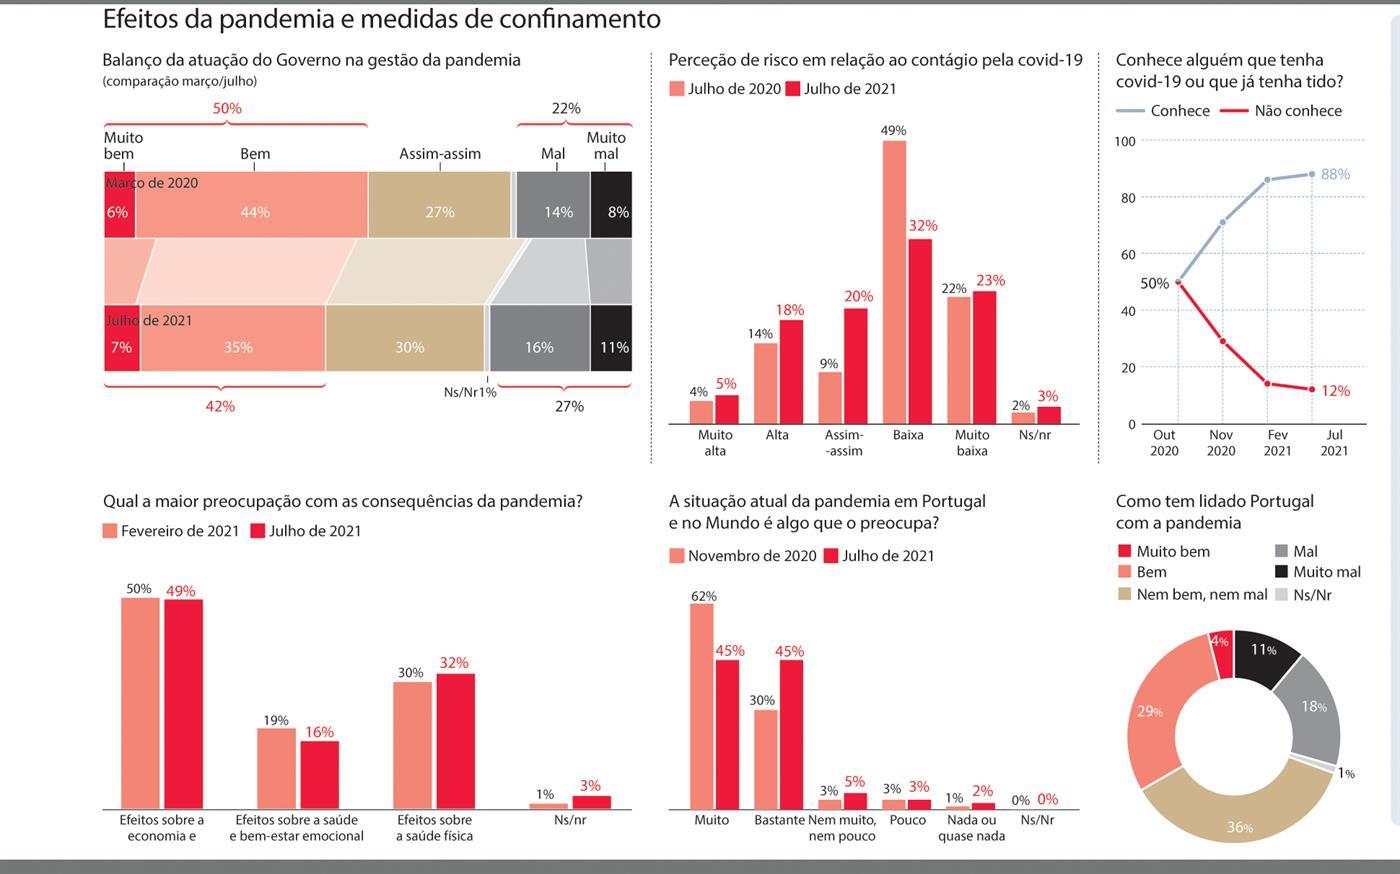 Plano de vacinação aprovado por mais de três quartos dos portugueses